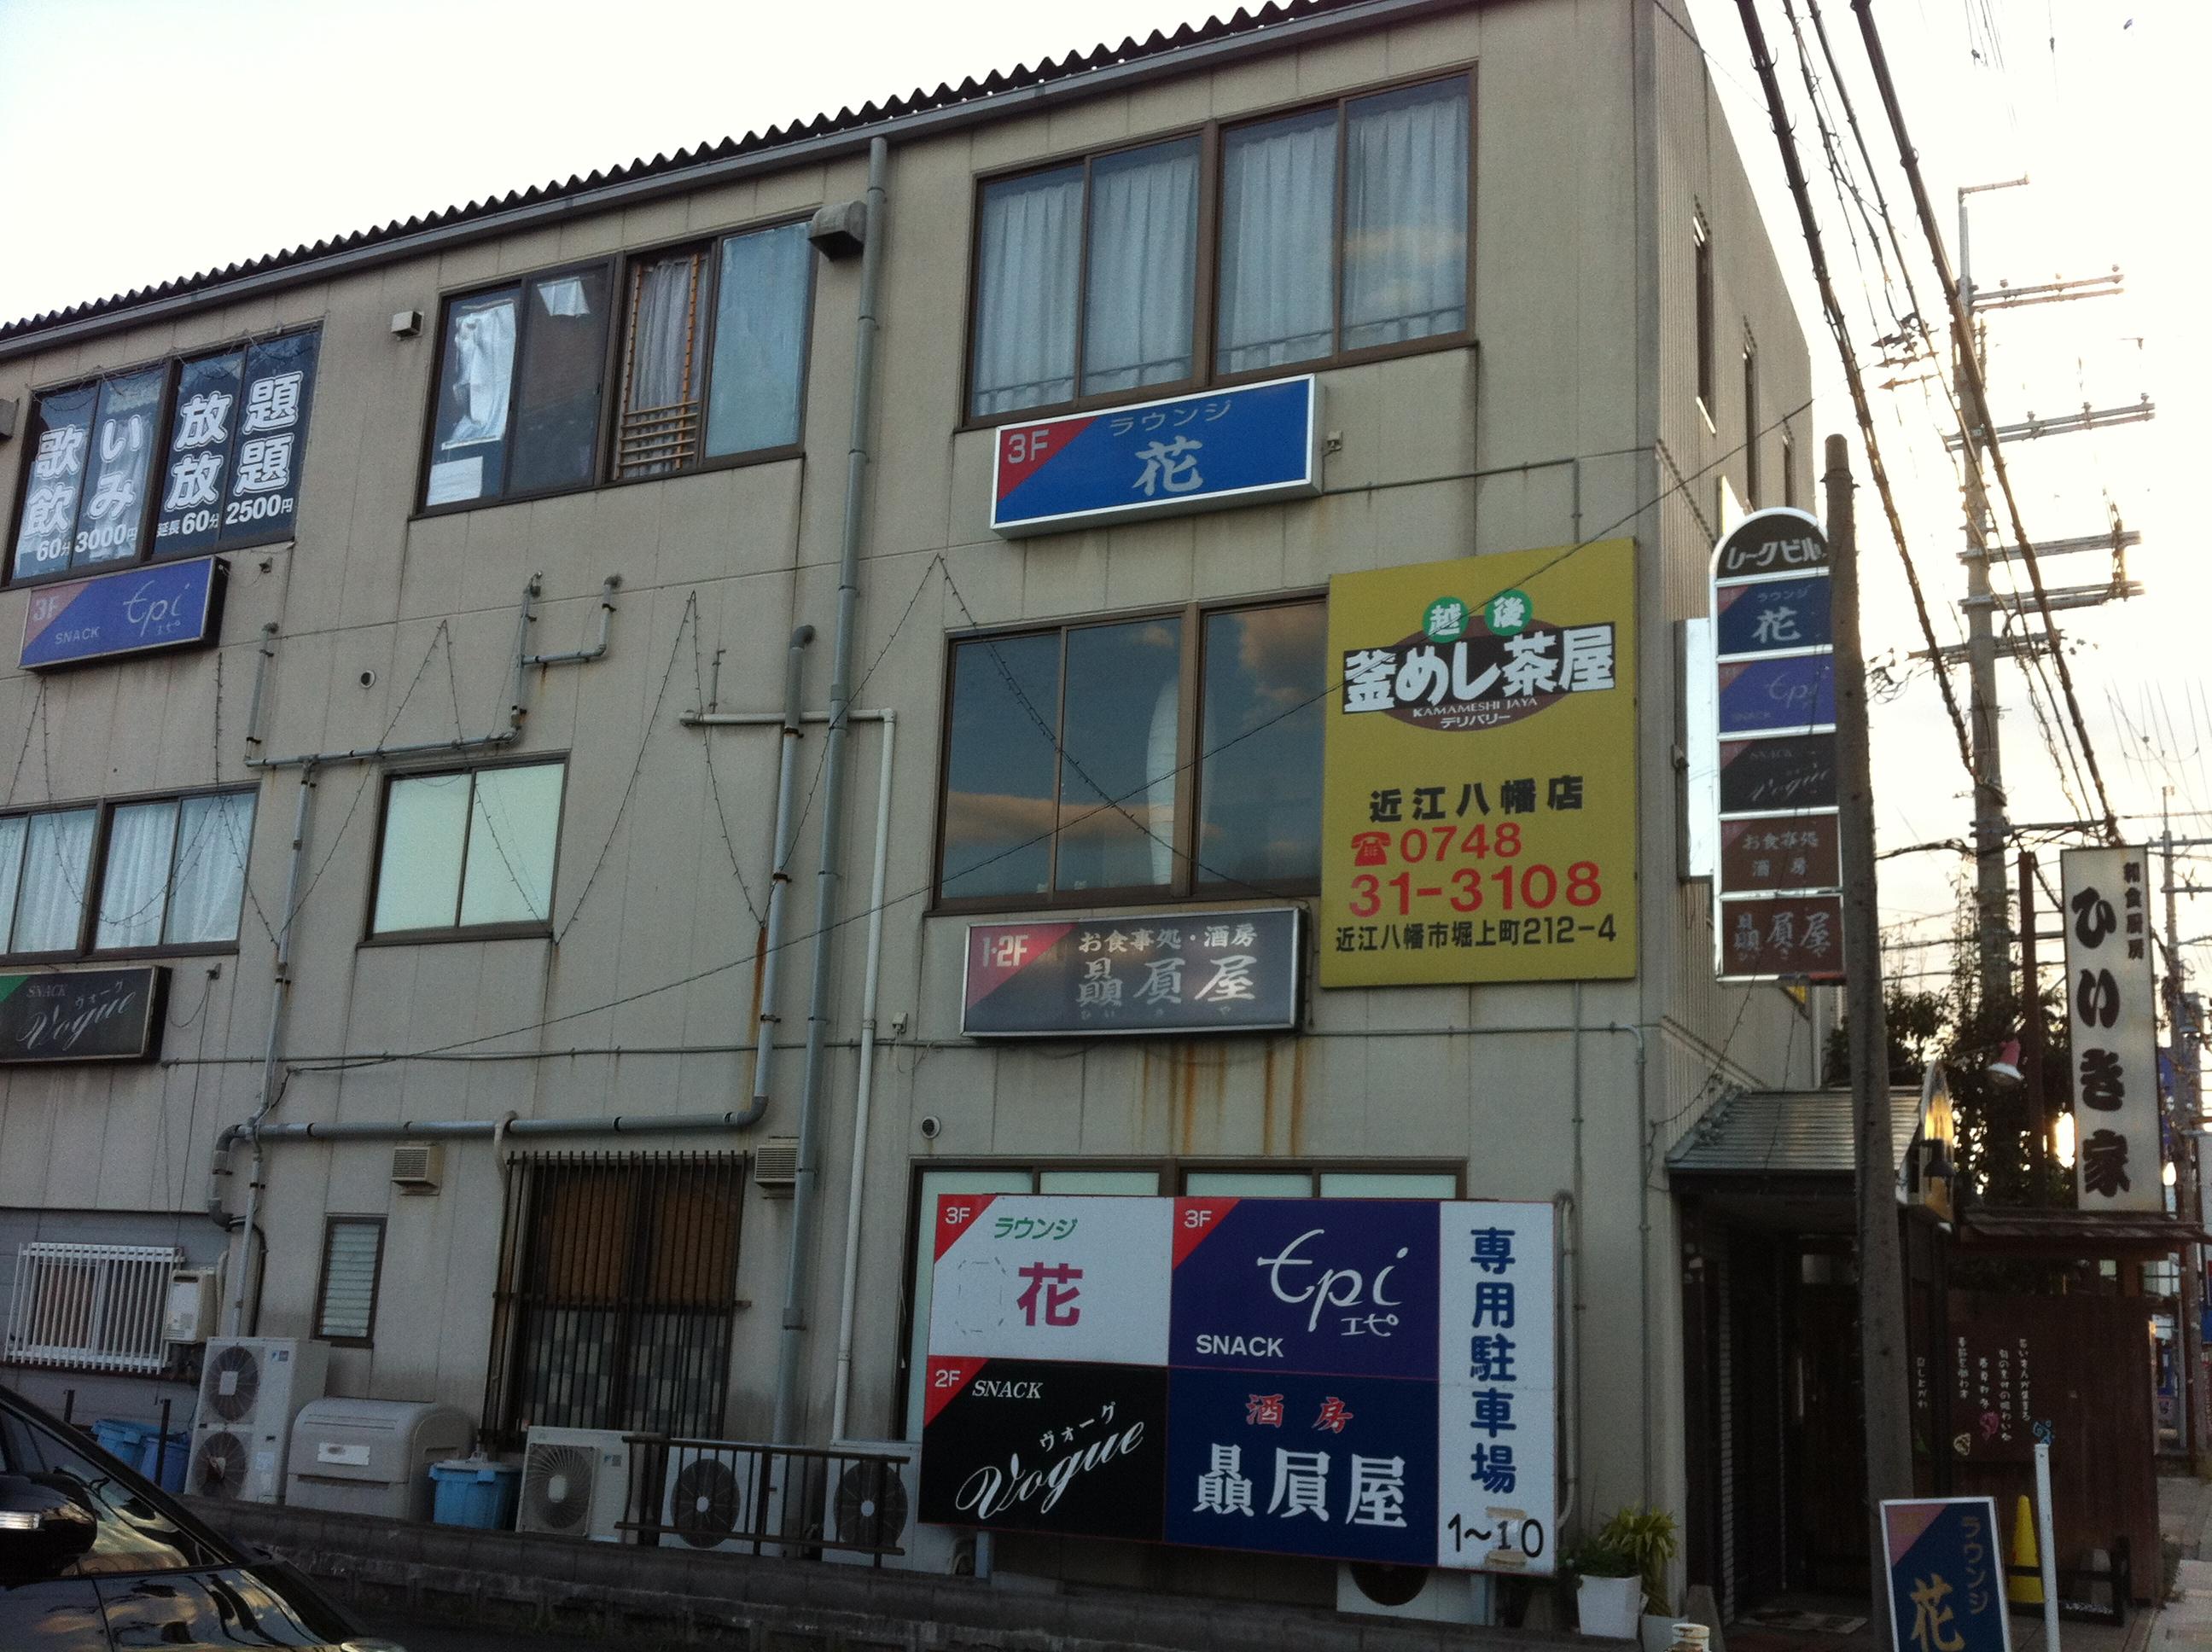 近江八幡市 JR近江八幡駅徒歩10分 スナック居抜き3階約15坪テナント